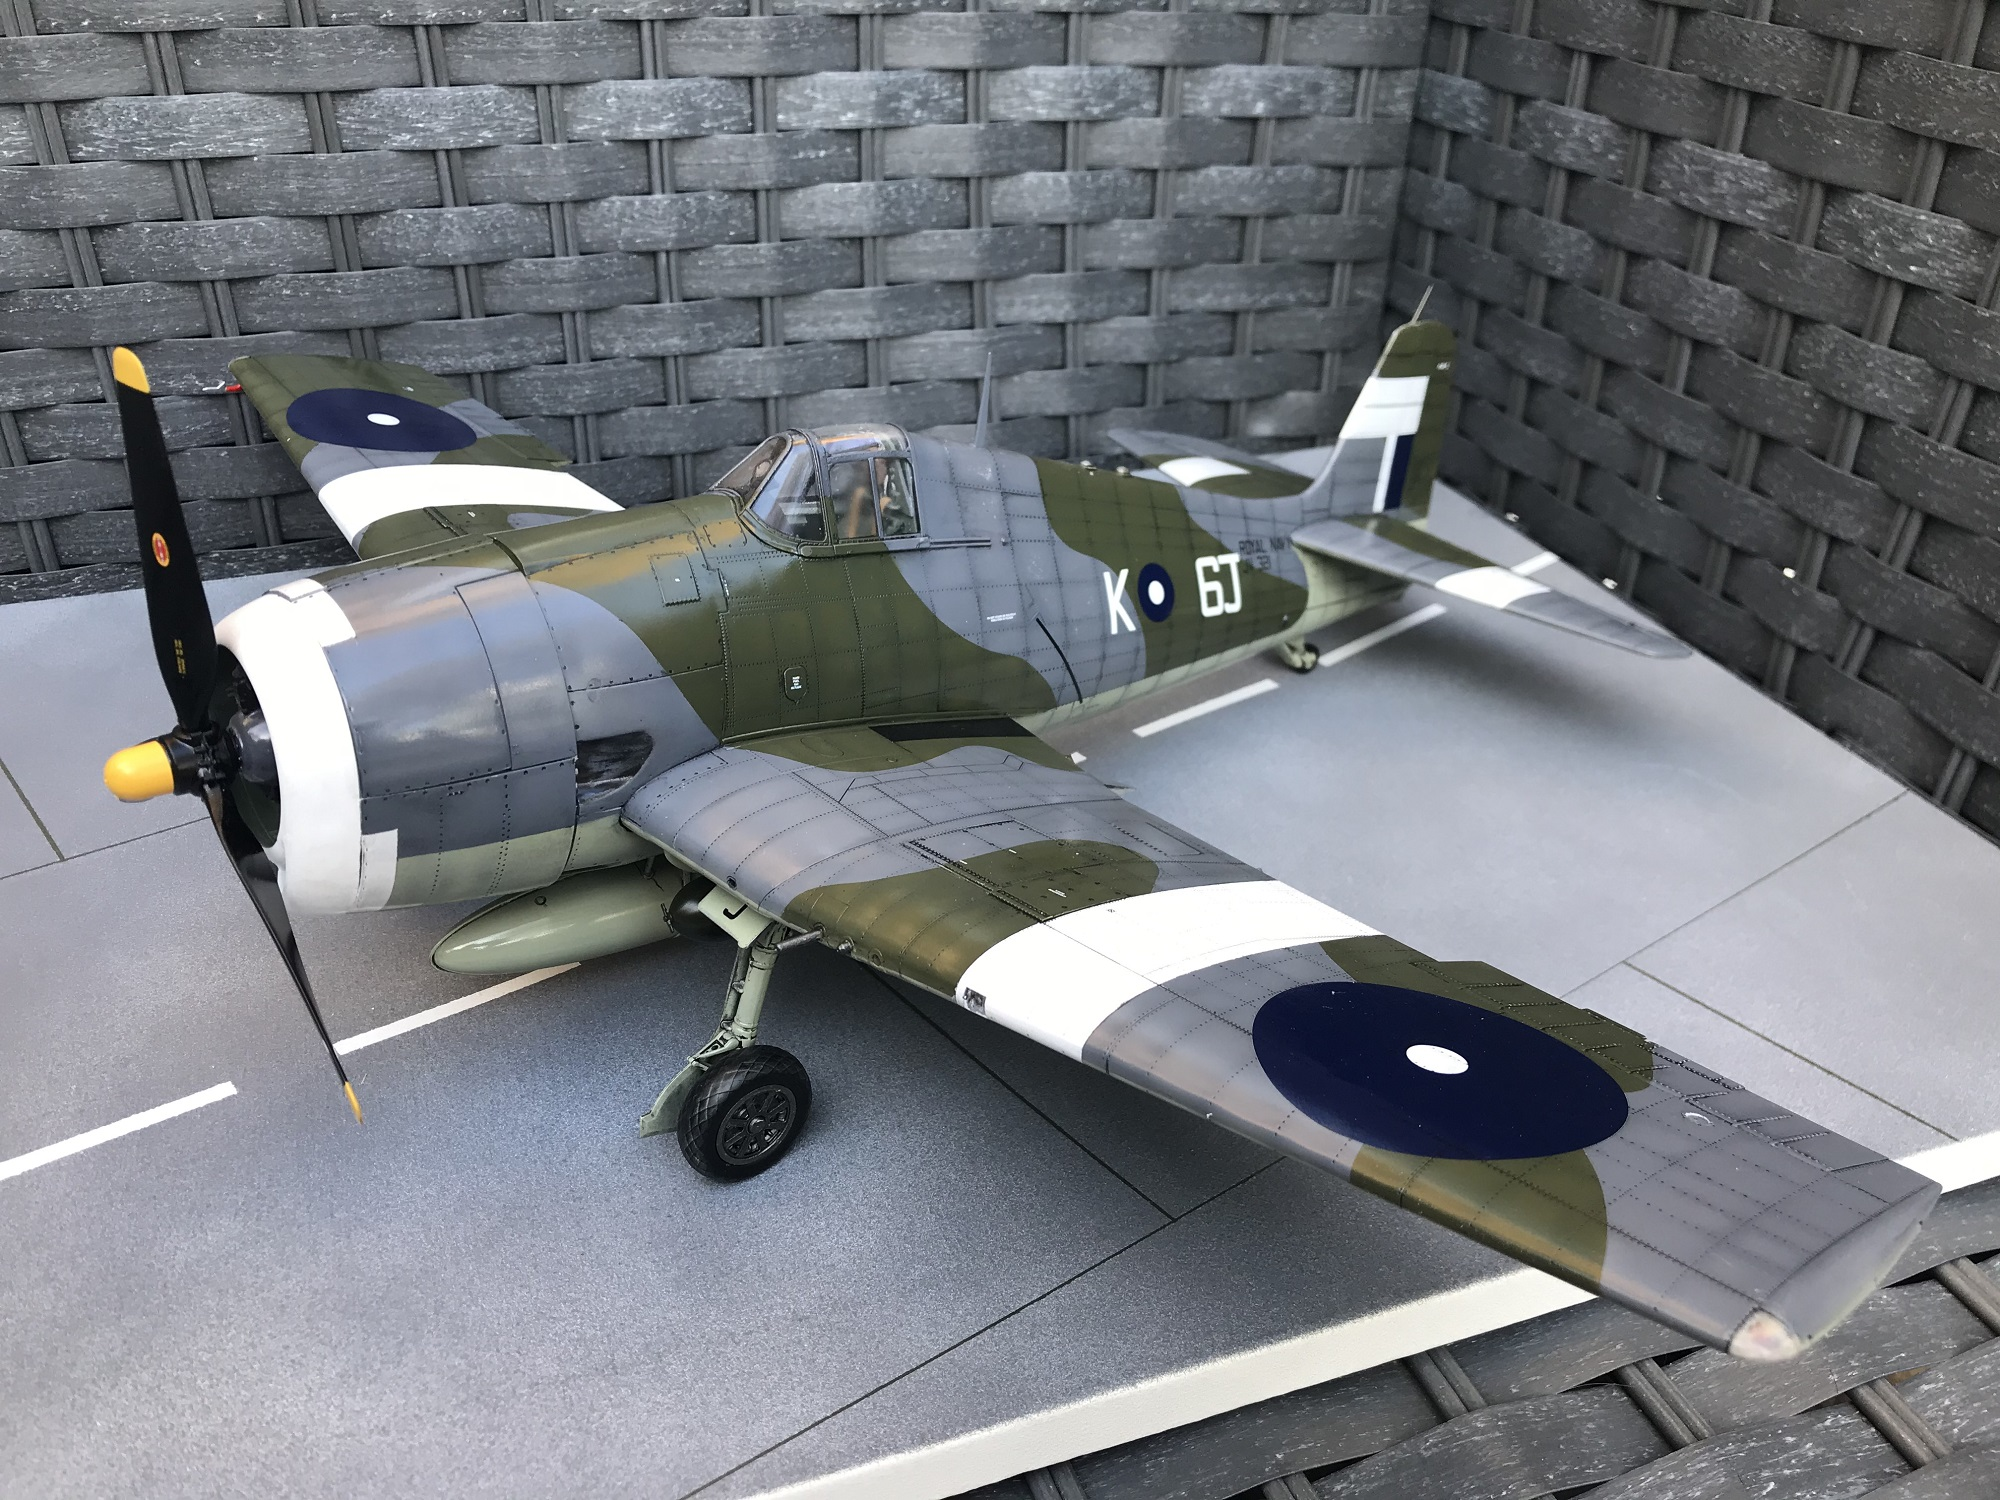 Airfix 1//24 Grumman F6F-5 Hellcat résine factice du réservoir de carburant se termine.